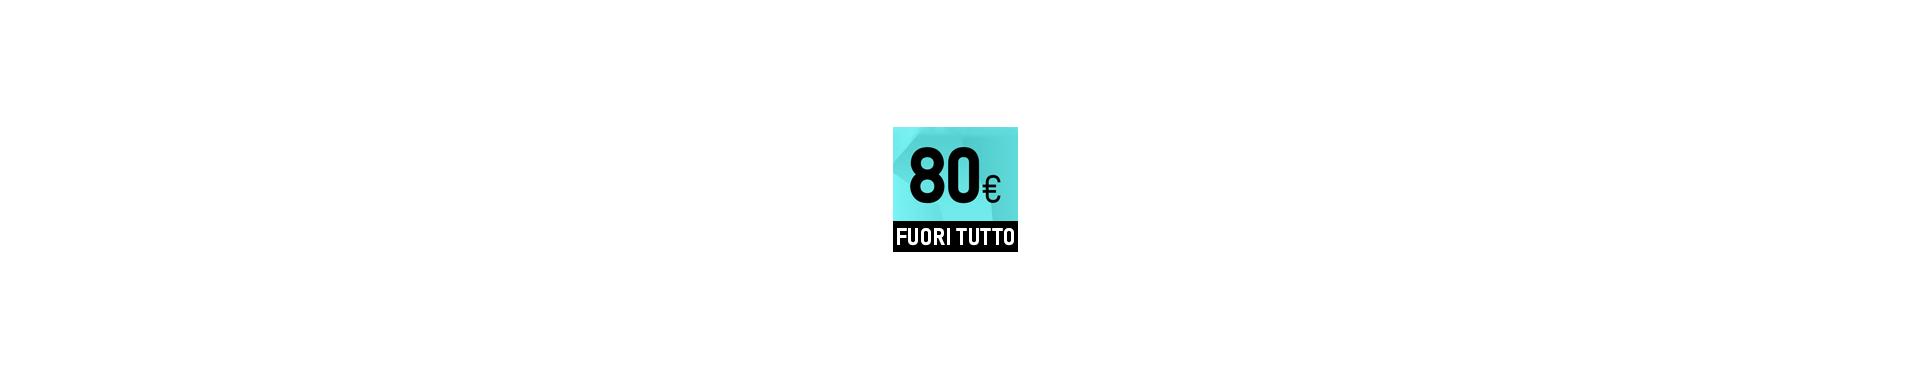 Fuori tutto Caschi per moto a 80 euro